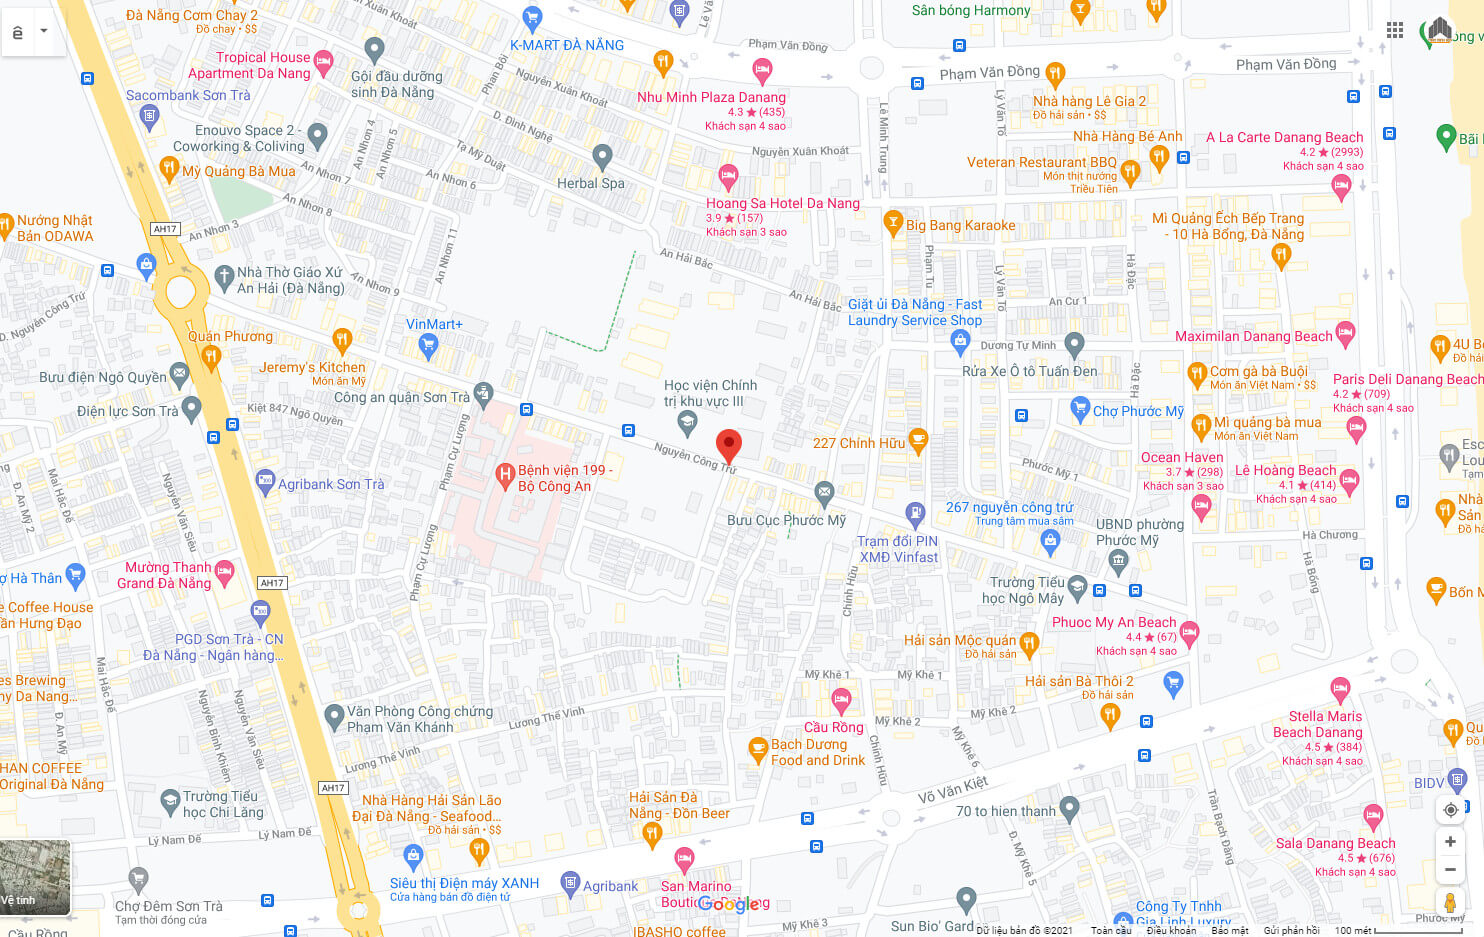 sơ đồ vị trí nhà bán đường Nguyễn Công Trứ - Sơn Trà - Đà Nẵng